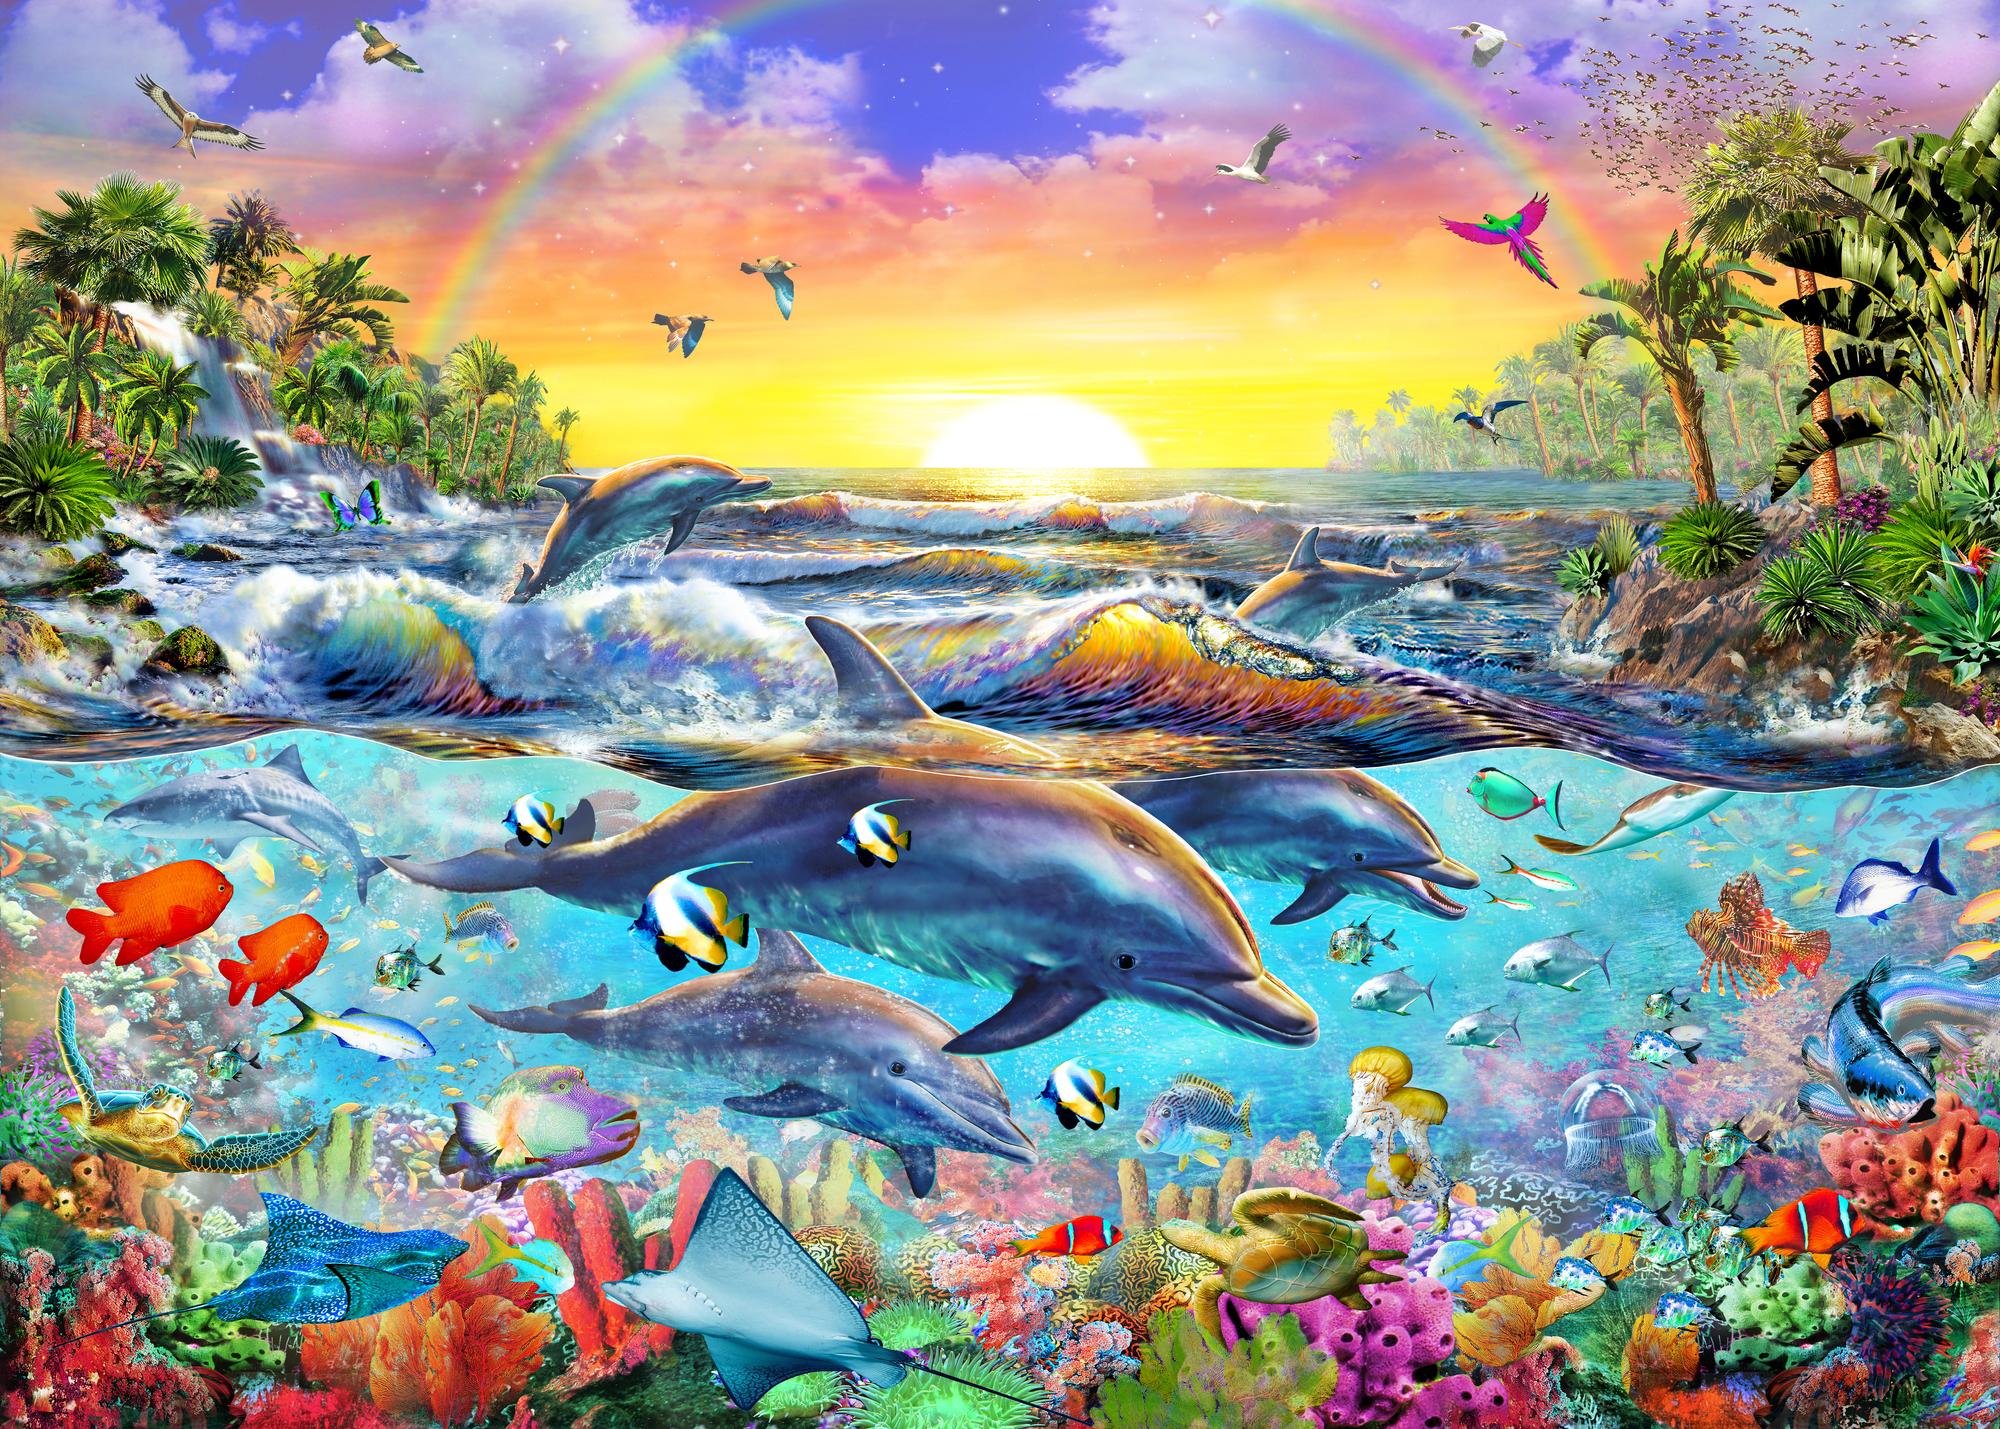 tropical fish wallpaper sea life wall murals wallsauce usa tropical cove mural wallpaper